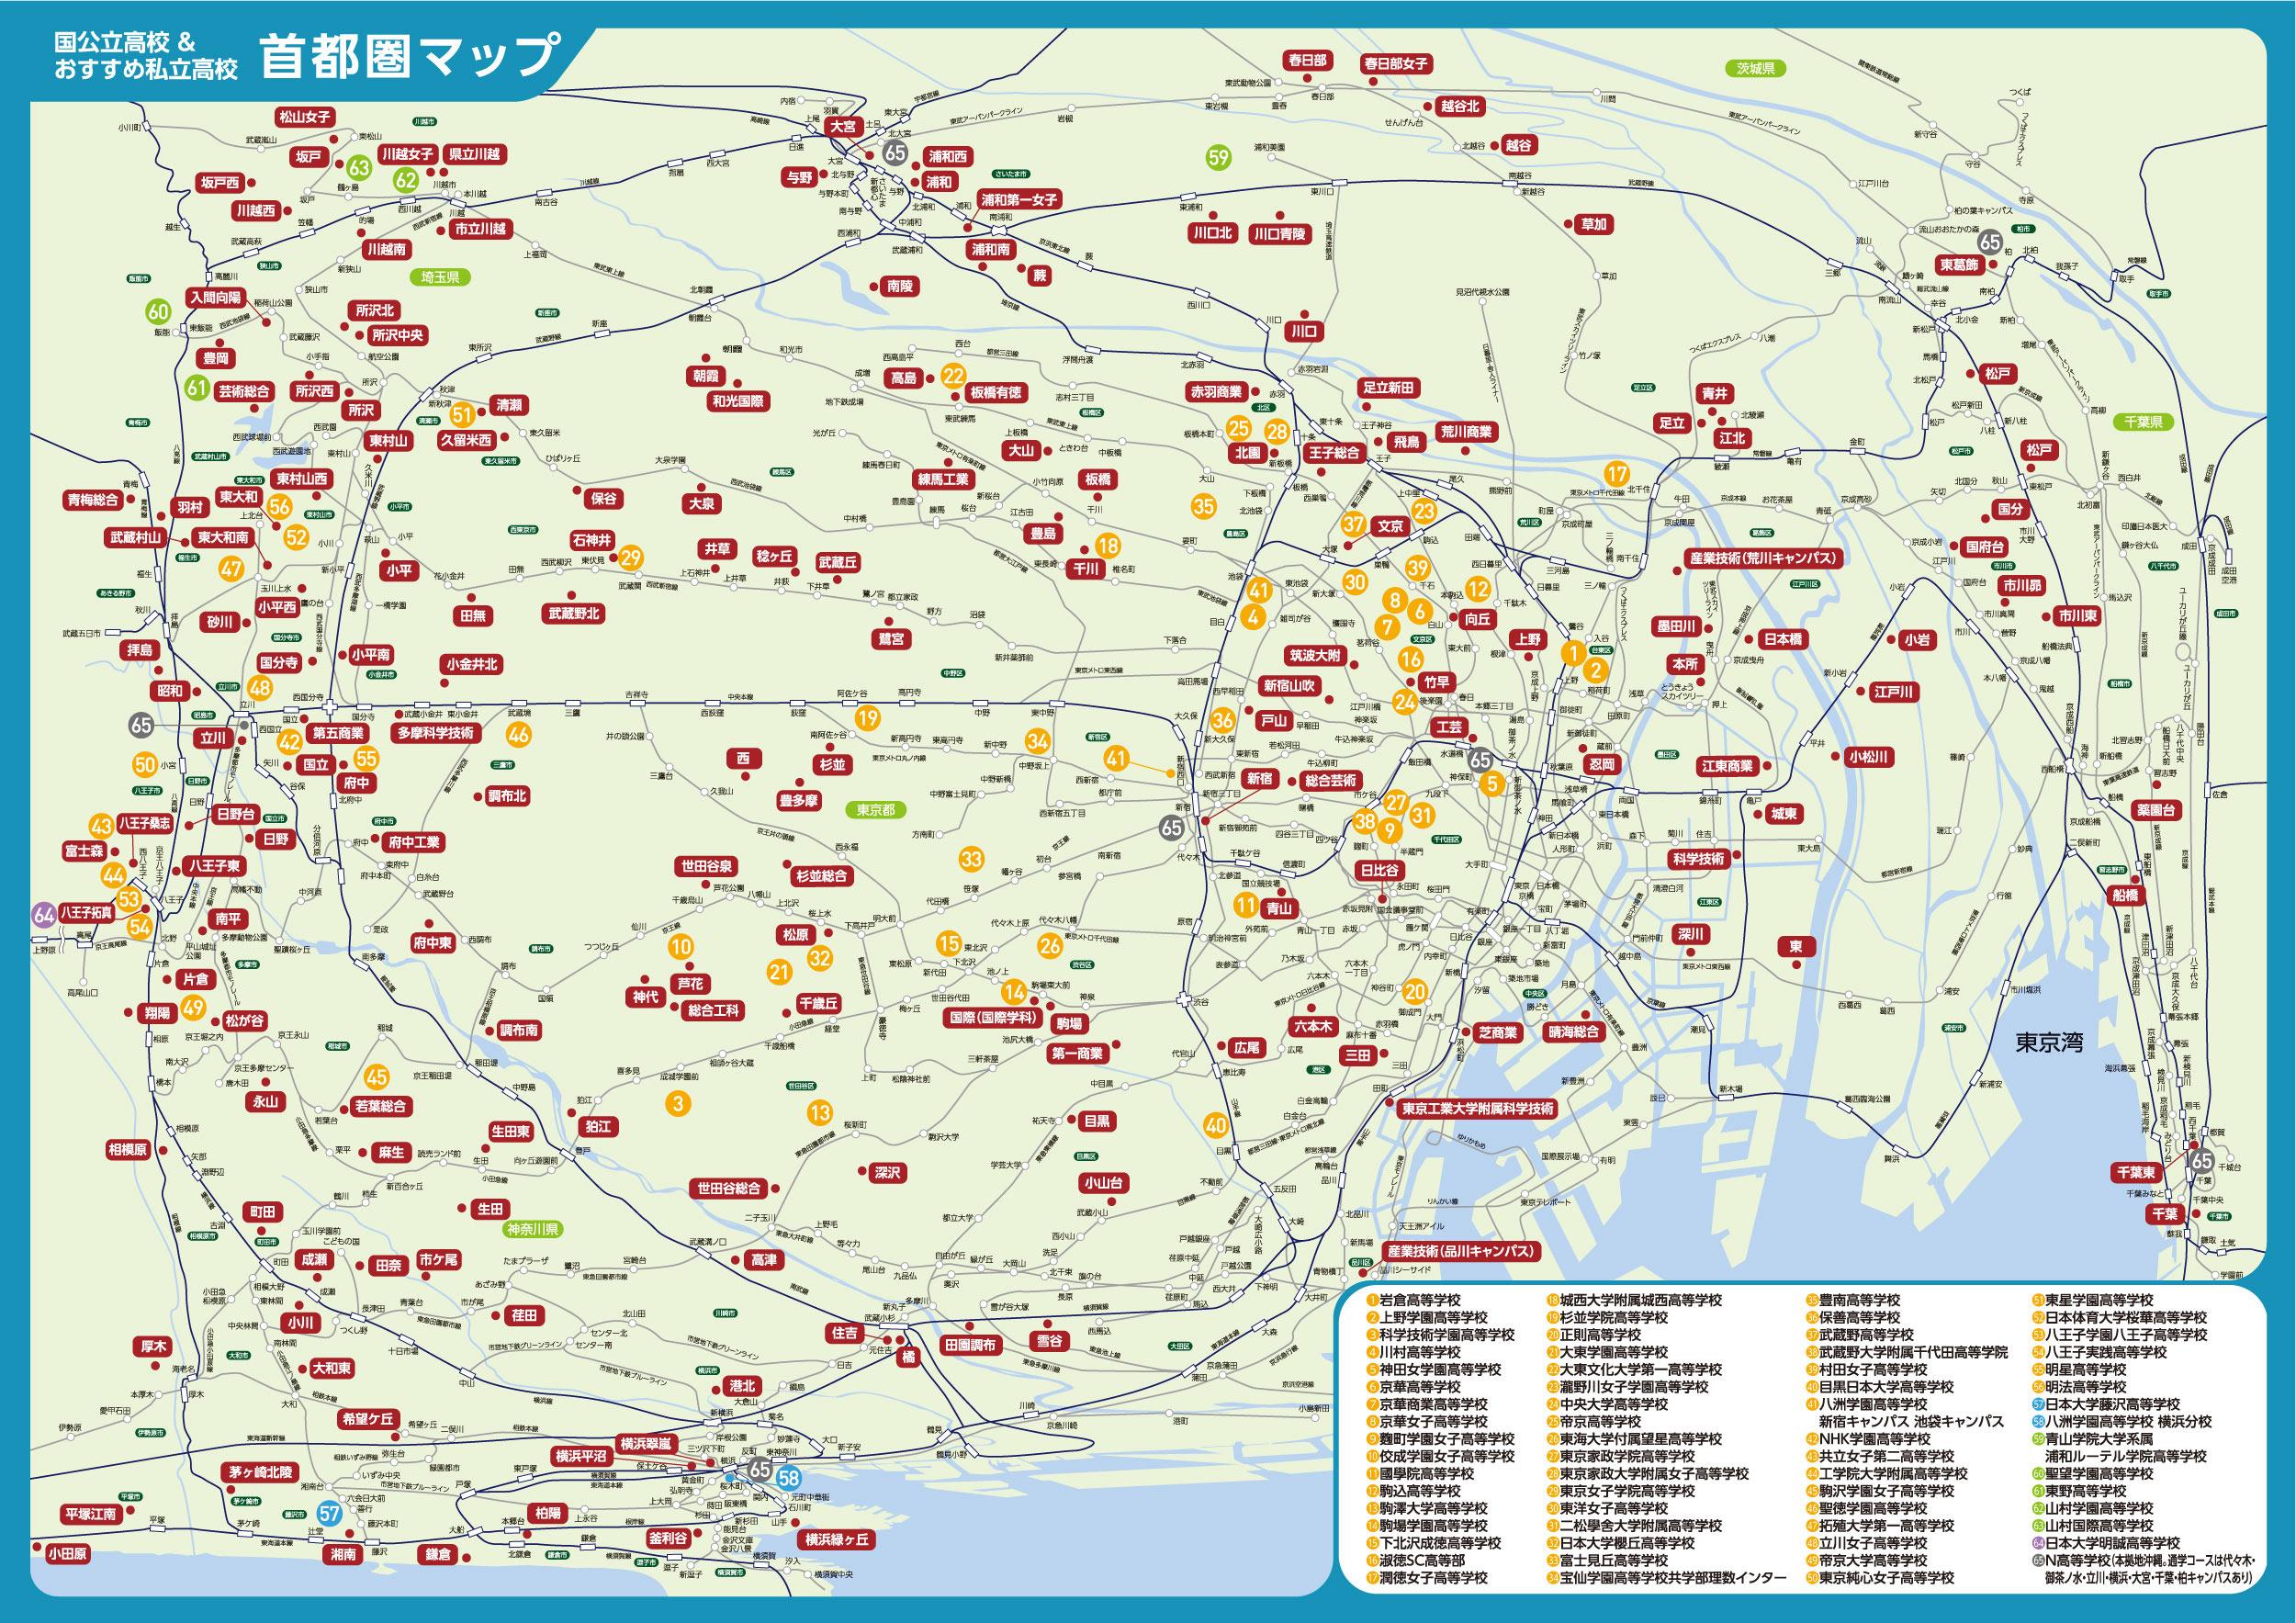 国公立高校&おすすめ私立高校 アクセスマップ